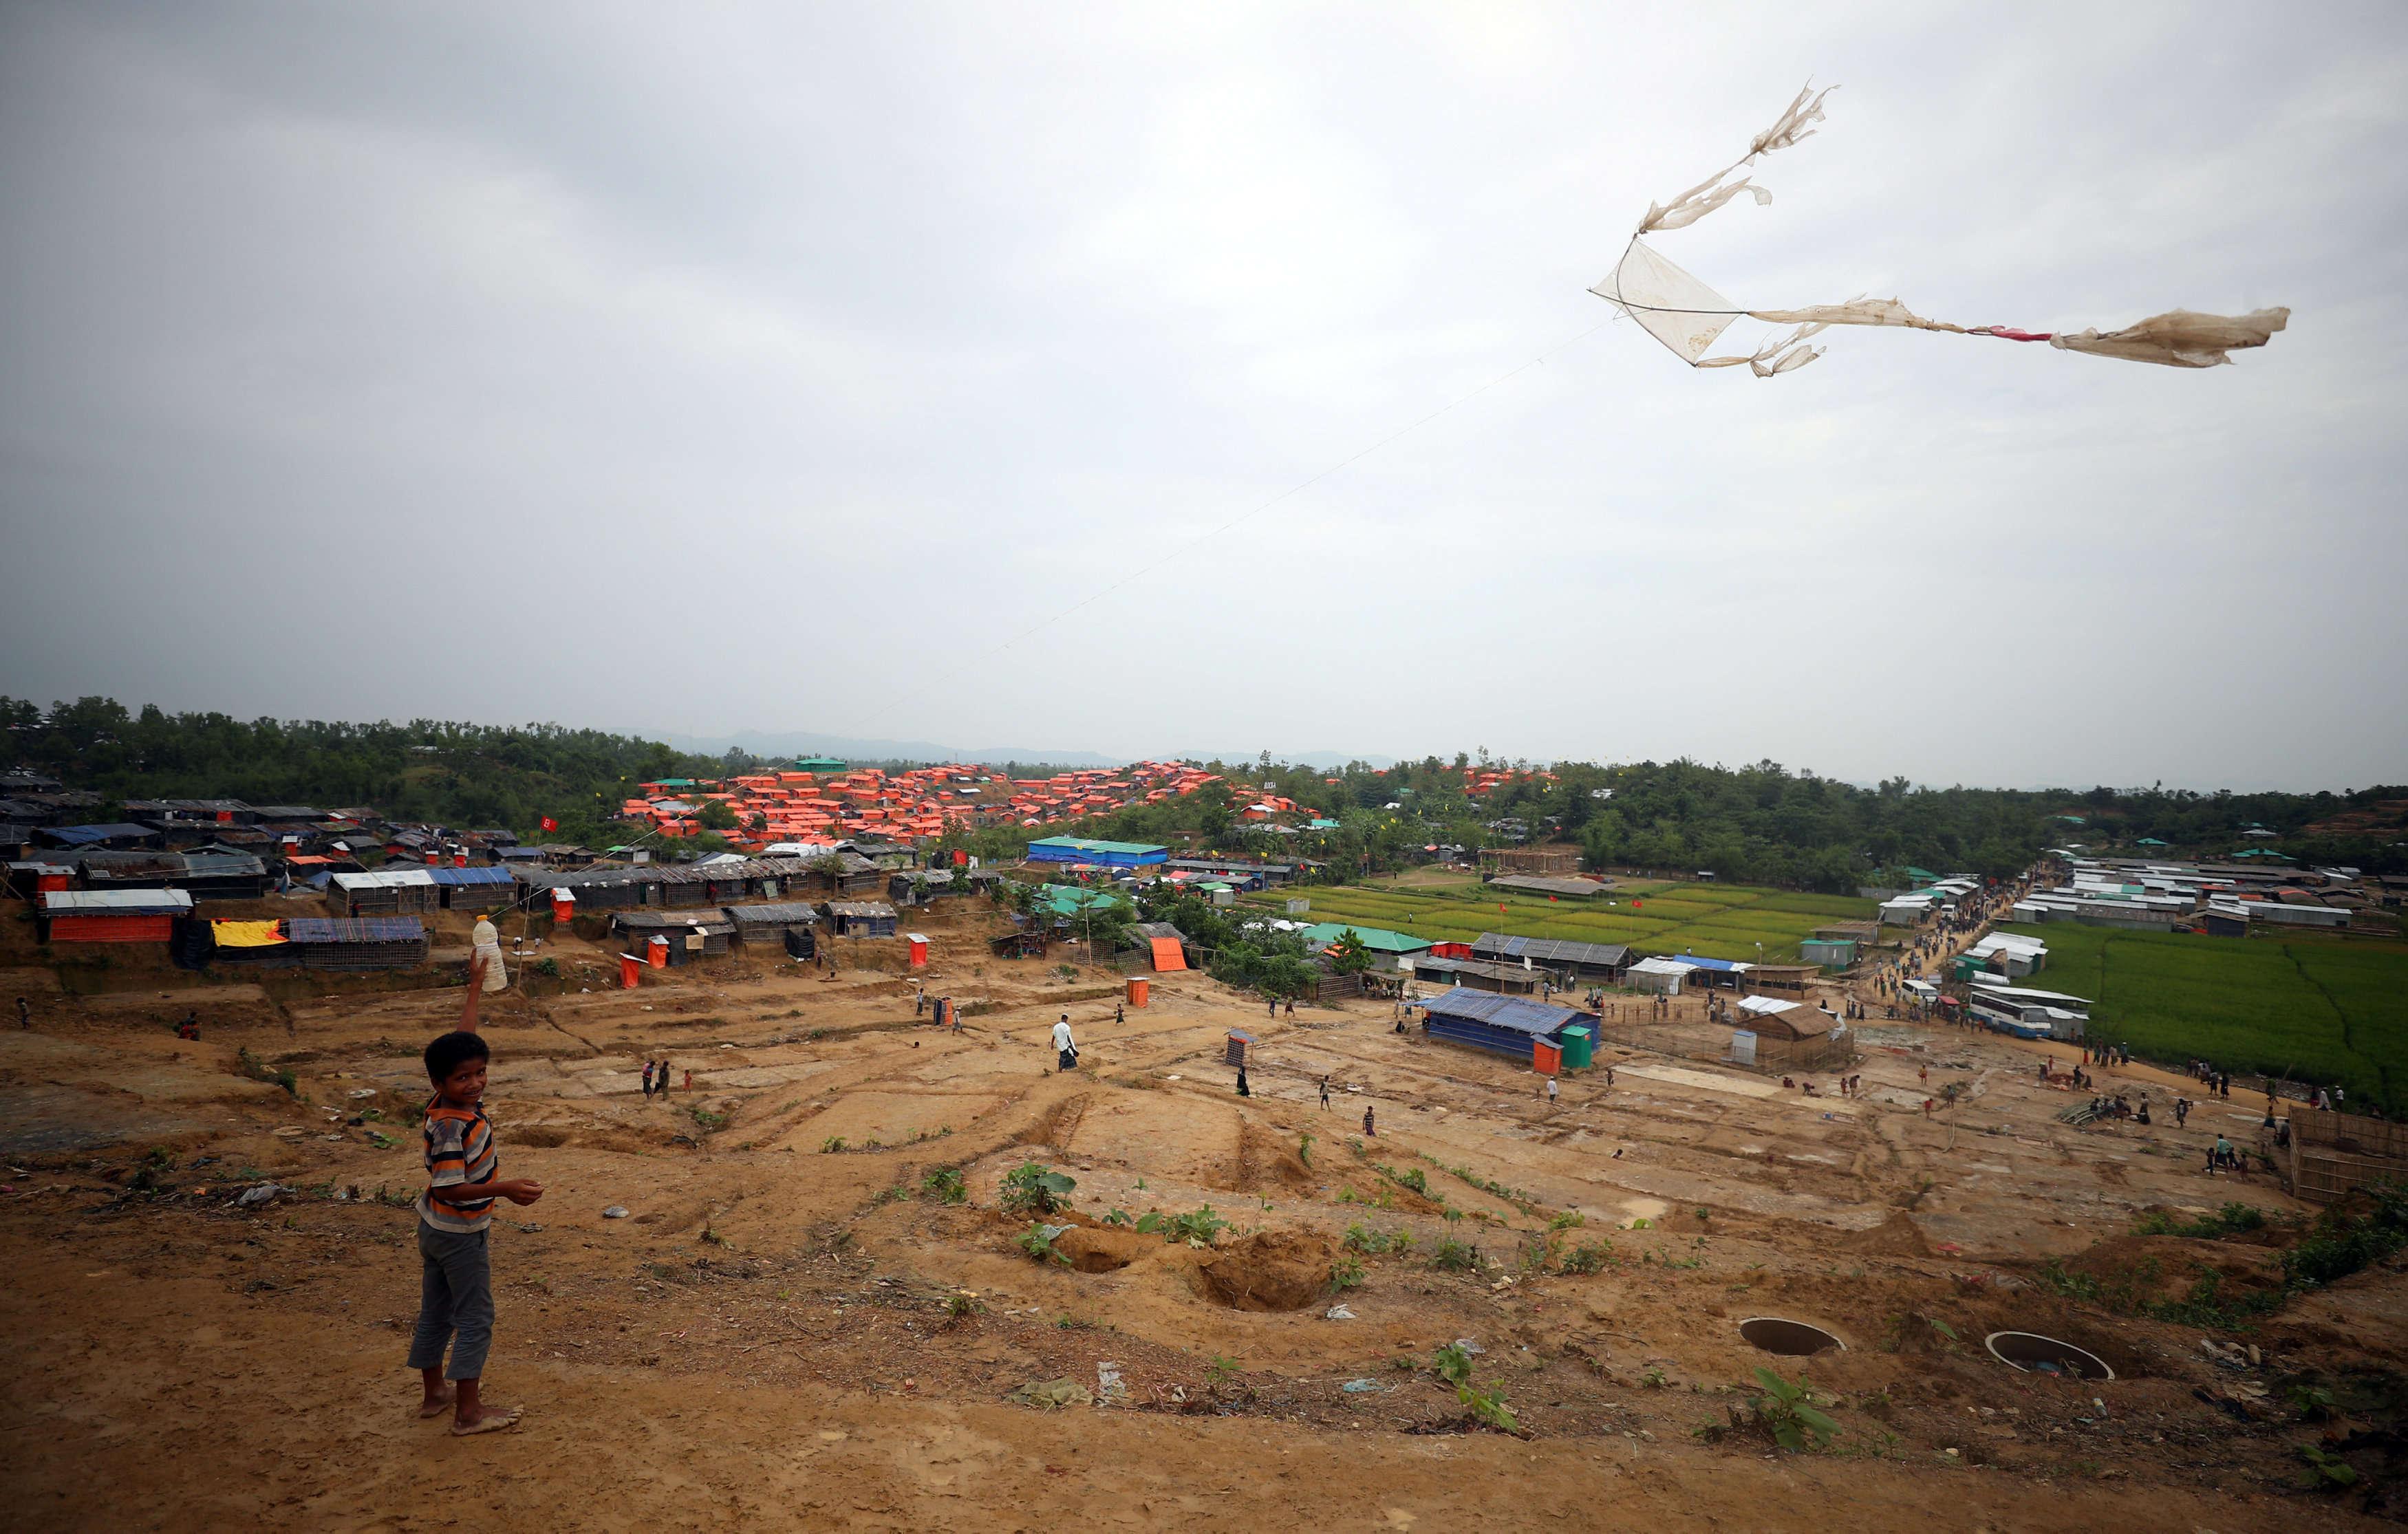 Vue sur un camp de réfugiés, à Palong Khali, sud du Bangladesh, le 1er novembre. Le choléra est une véritable « bombe à retardement » qui guette les milliers de Rohingya arrivés au Bangladesh, a averti le patron de la Fédération internationale des sociétés de la Croix-Rouge et du Croissant-Rouge (FICR).